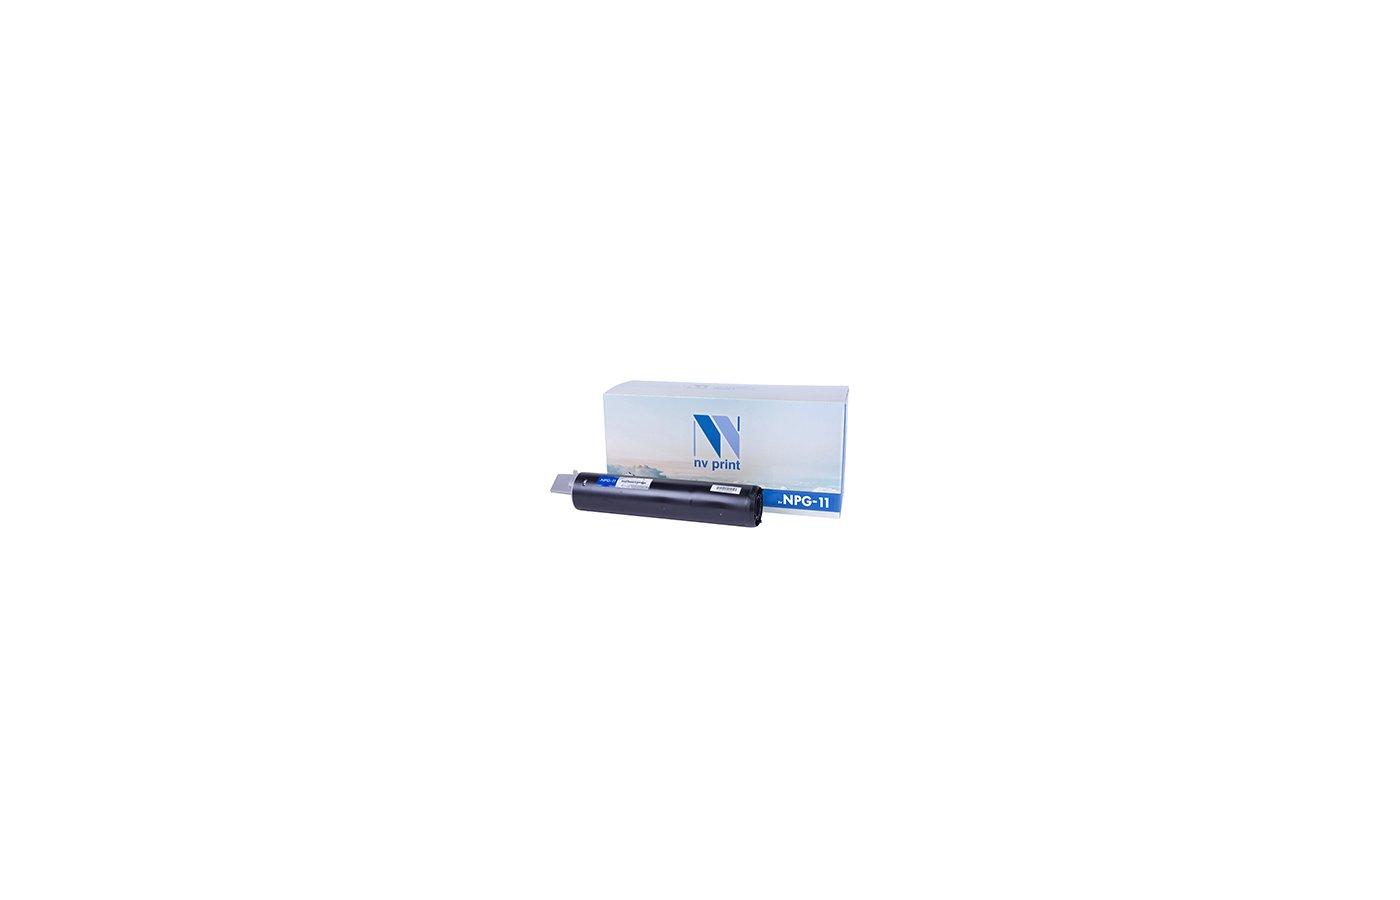 Картридж лазерный NV Print совместимый Canon NPG11 для NP6012/6112/6212/6312/6512/6612 (280гр). Чёрный. 5000 страниц.